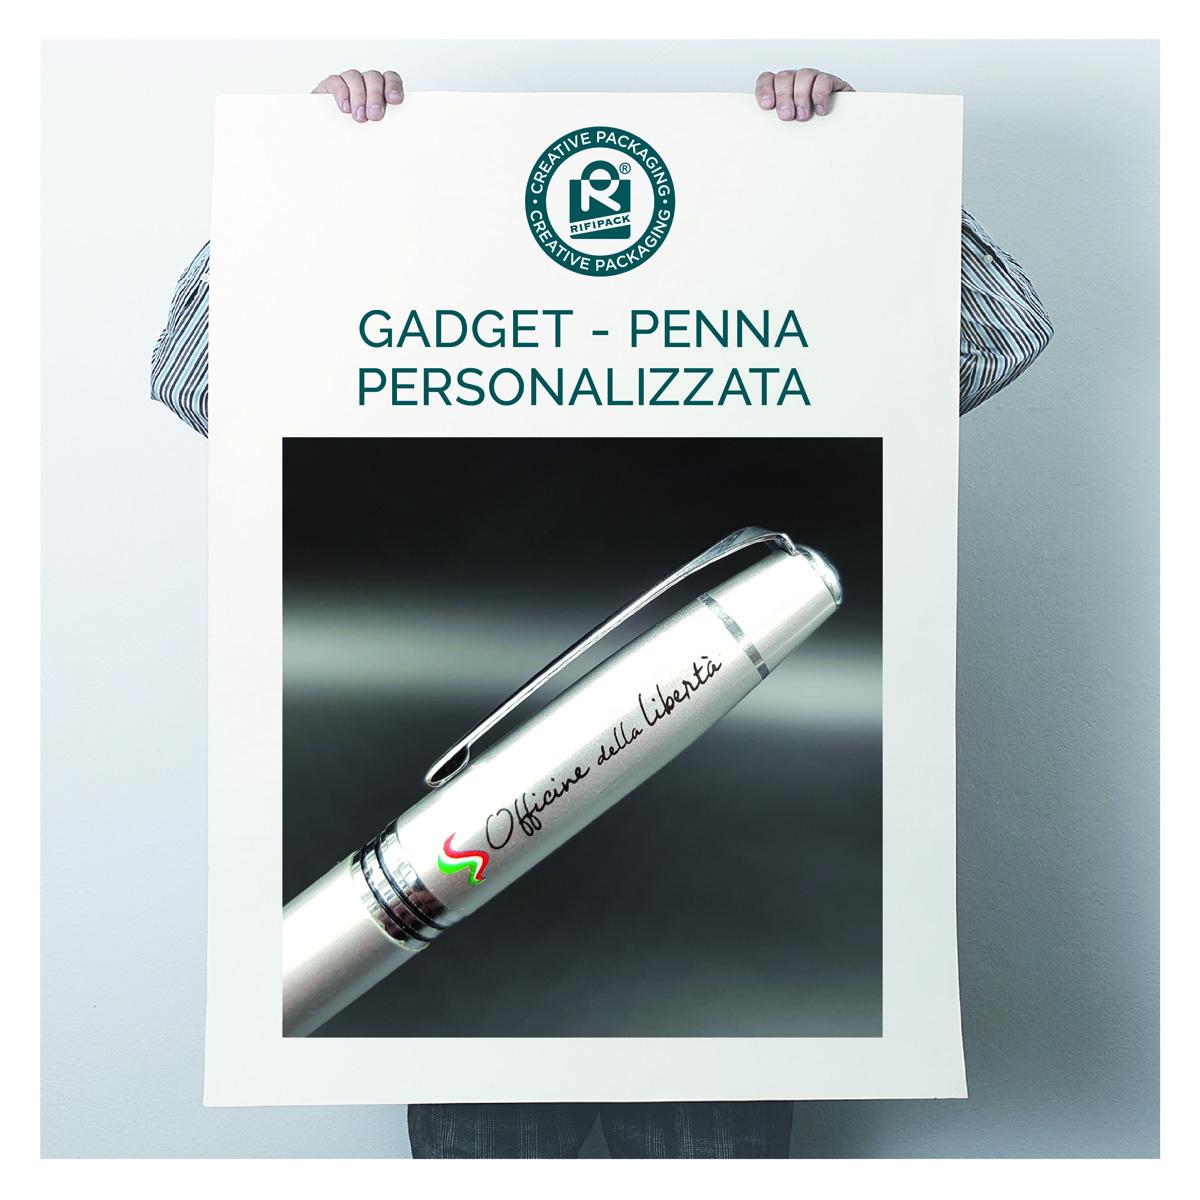 rifipack-penna-personalizzata-gadget-1